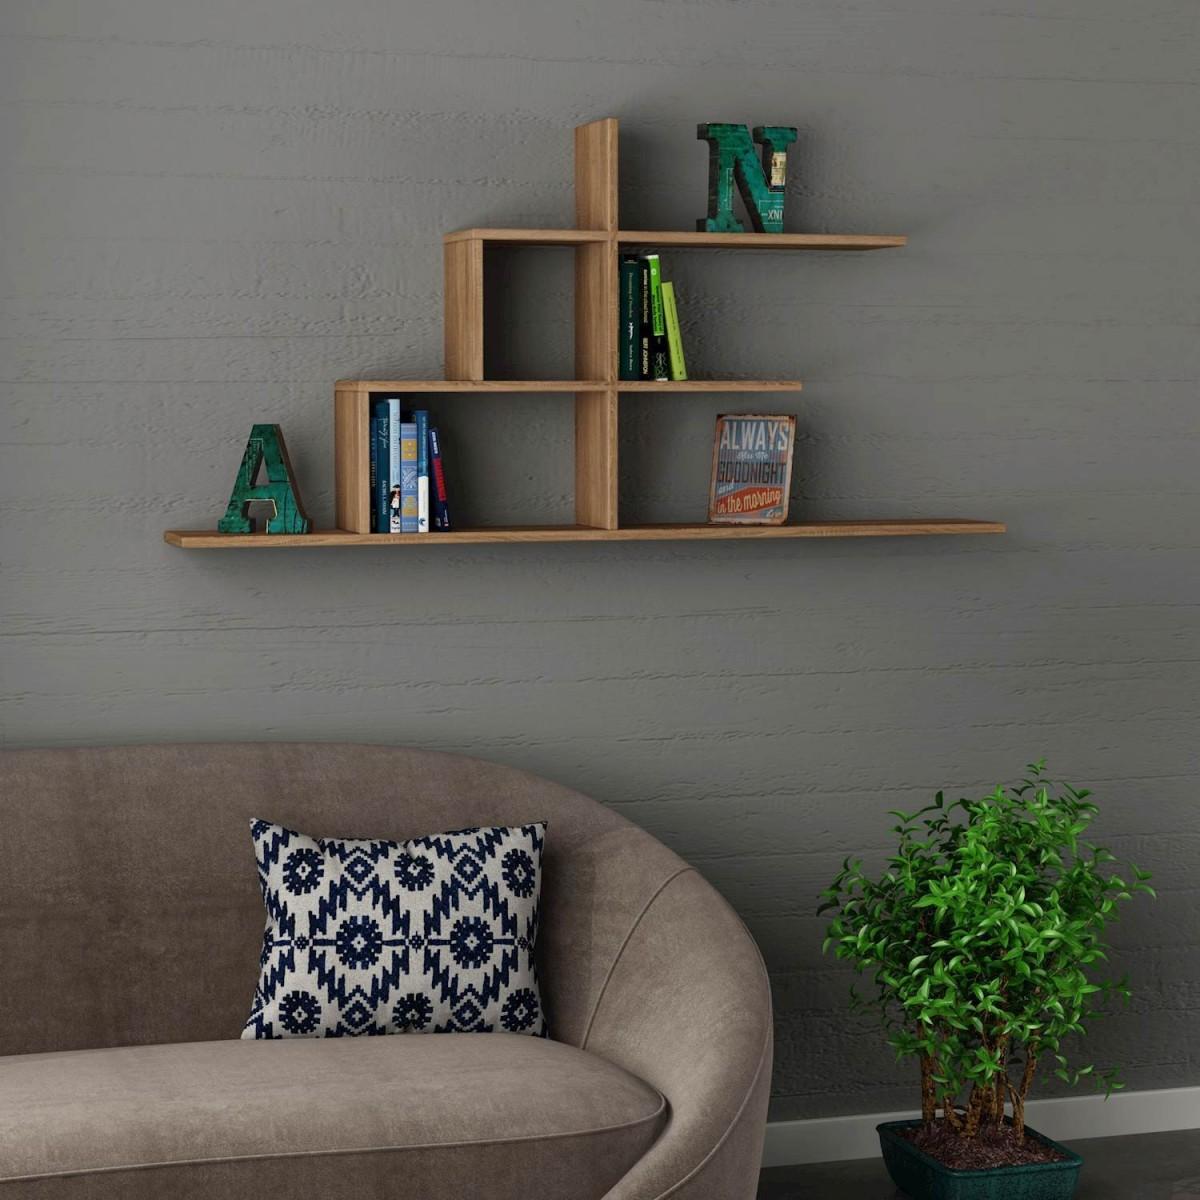 Akinori libreria sospesa da parete per soggiorno 150 x 75 cm - Libreria a parete sospesa ...